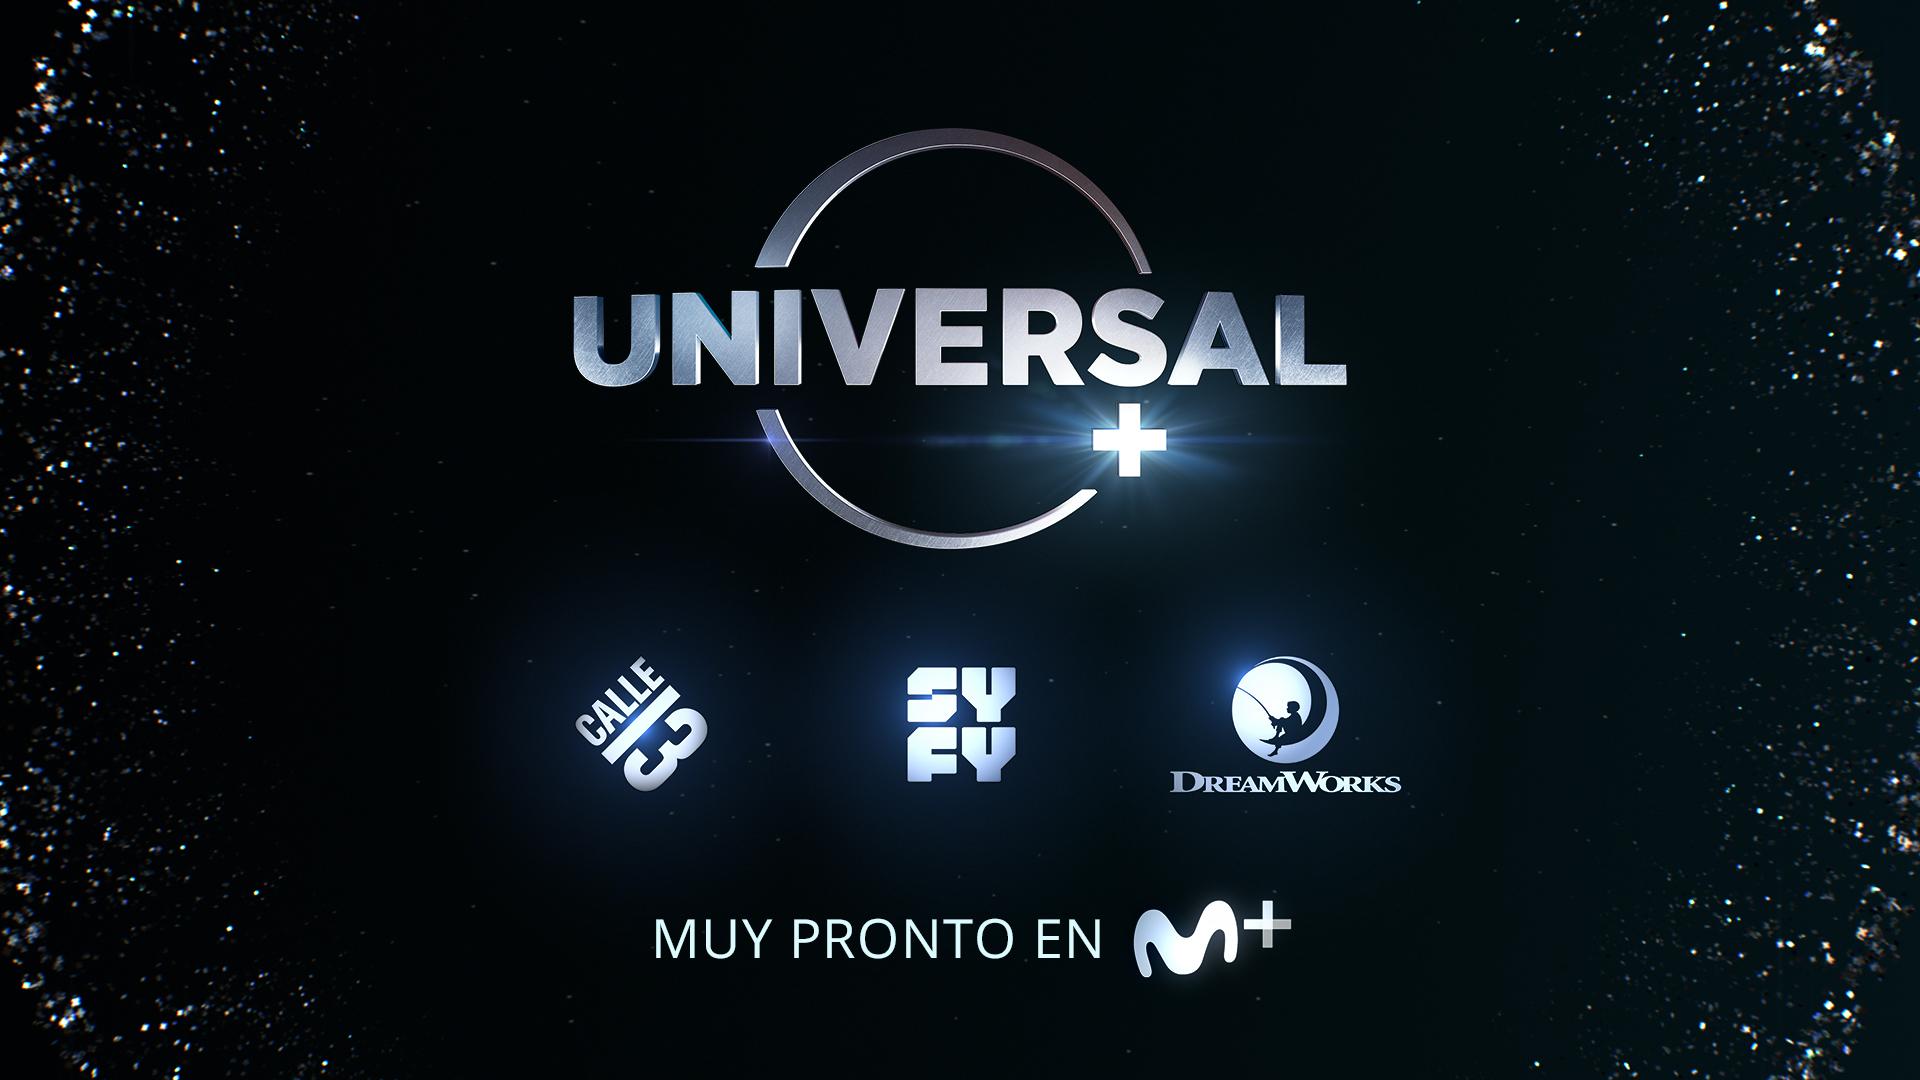 Llega a España Universal+, una nueva plataforma con las series de Calle 13 y SYFY